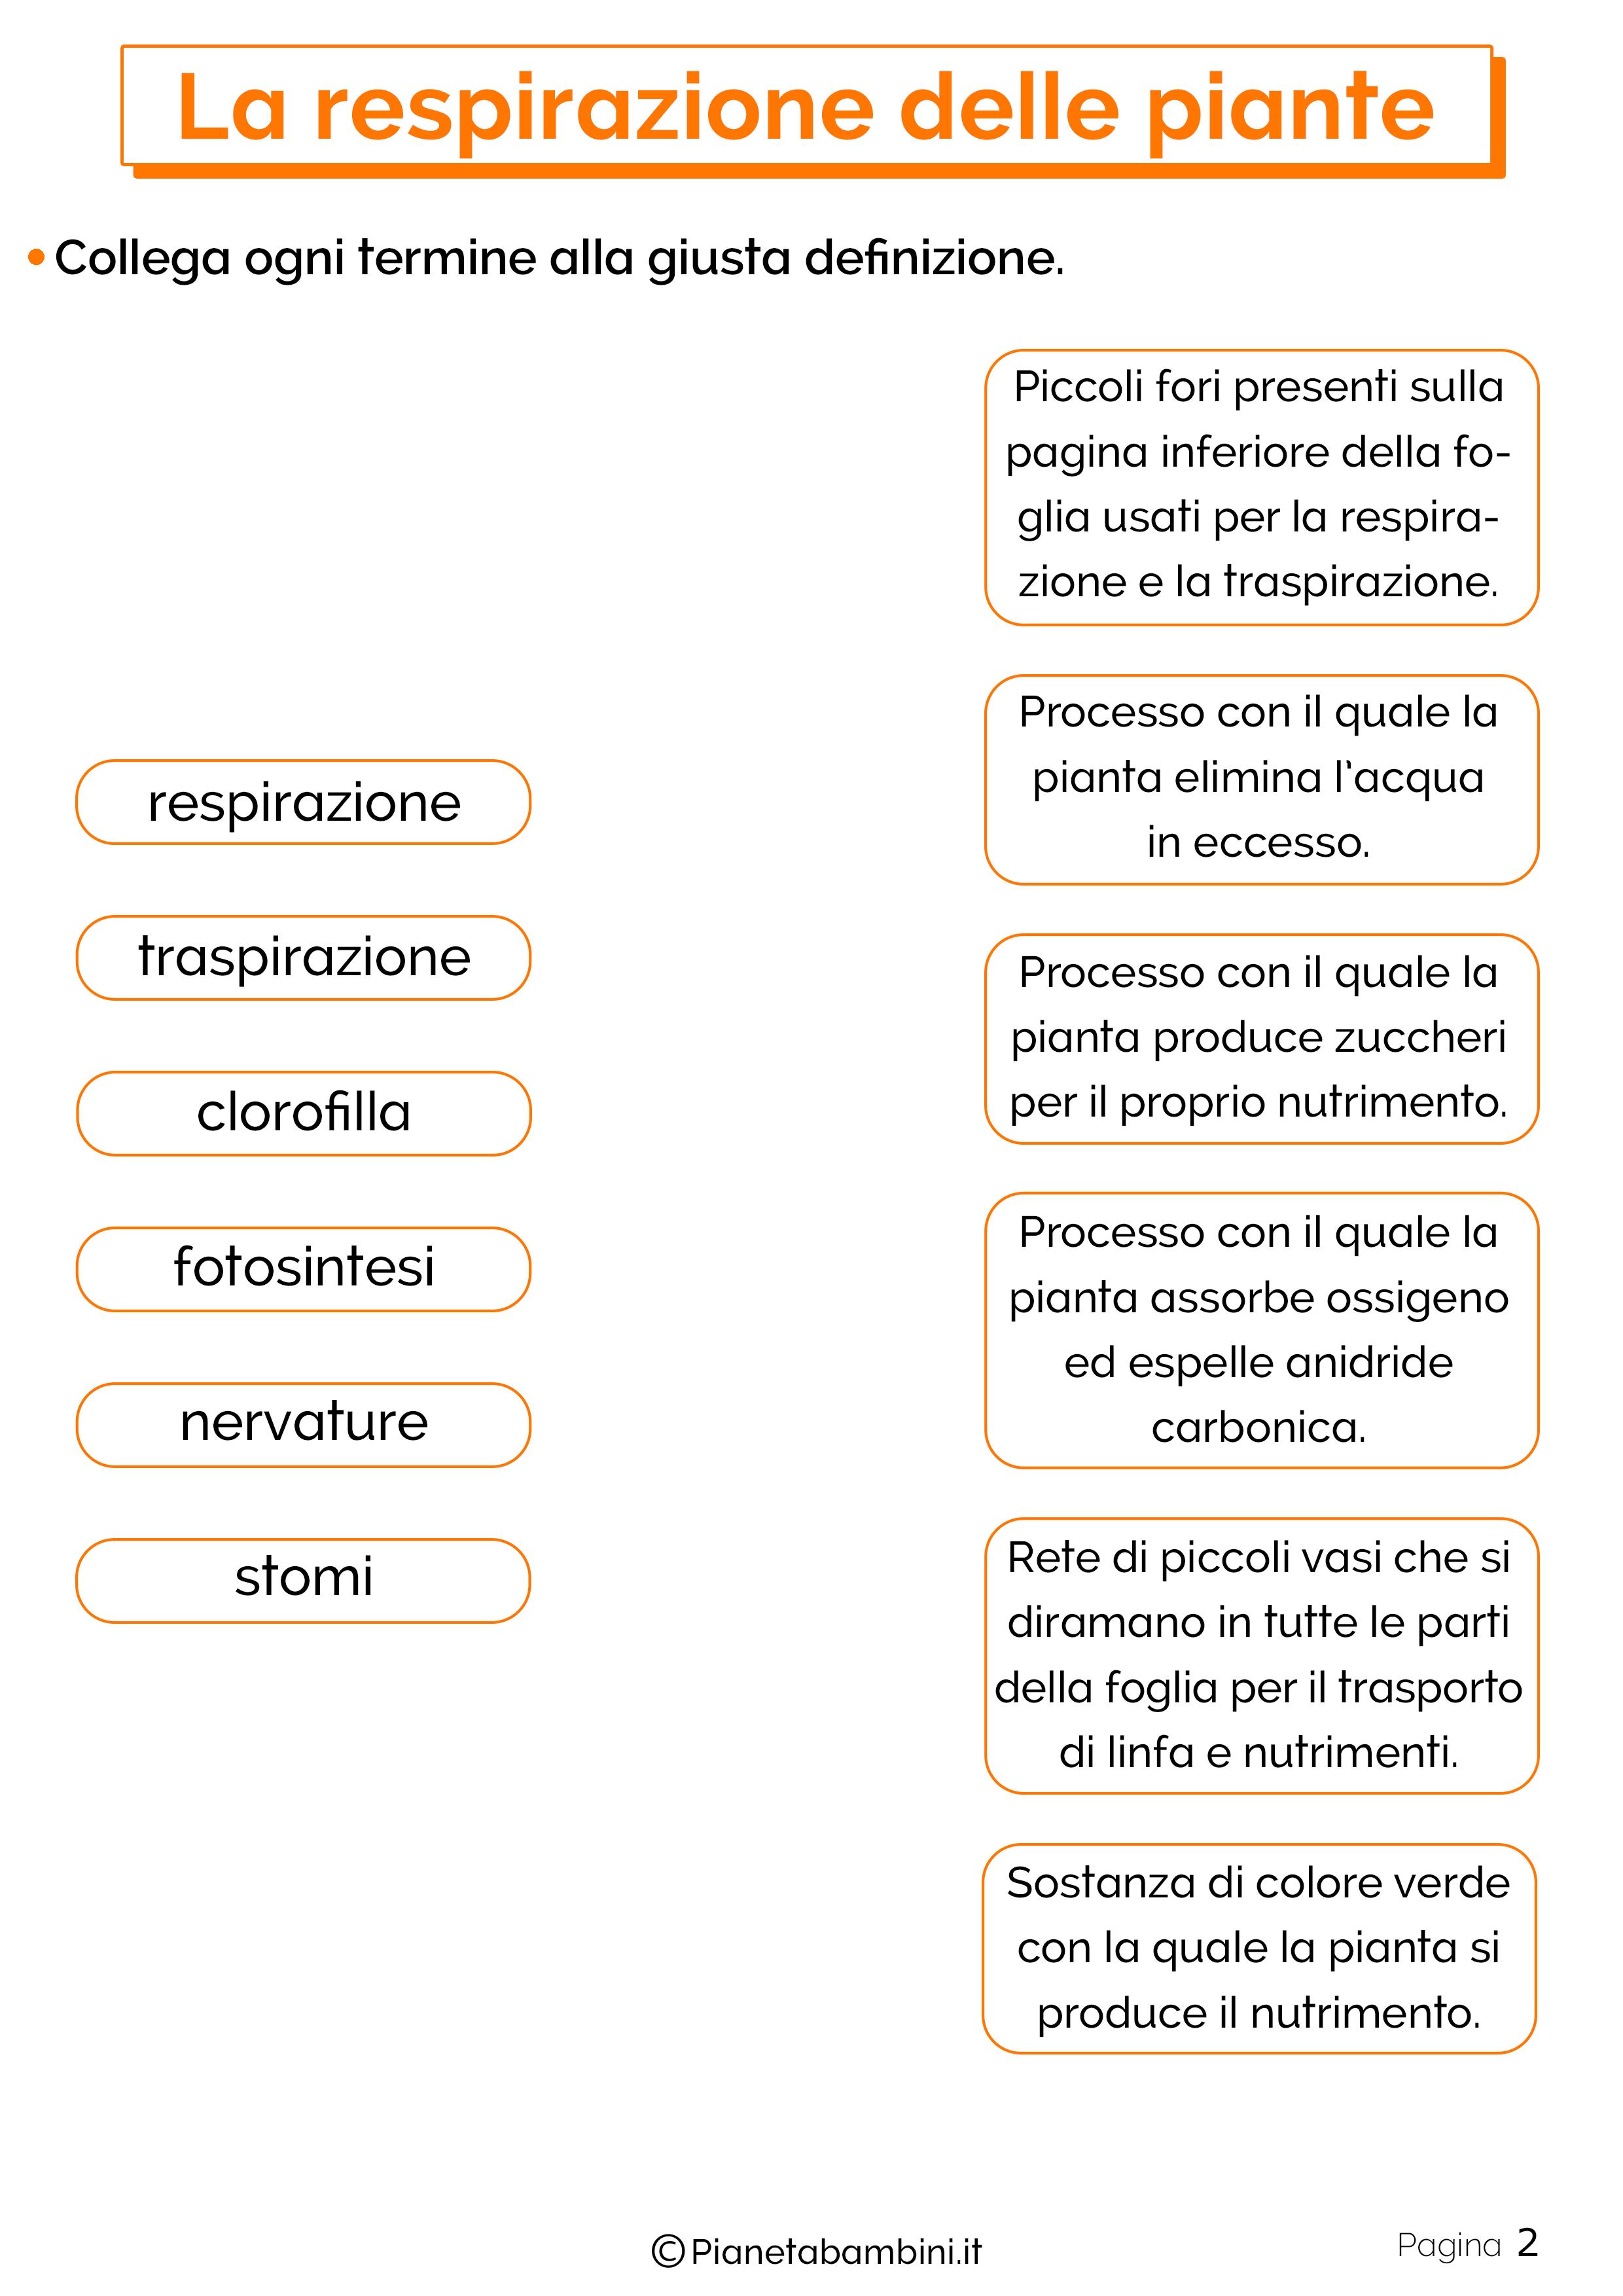 Esercizi sulla respirazione delle piante 2